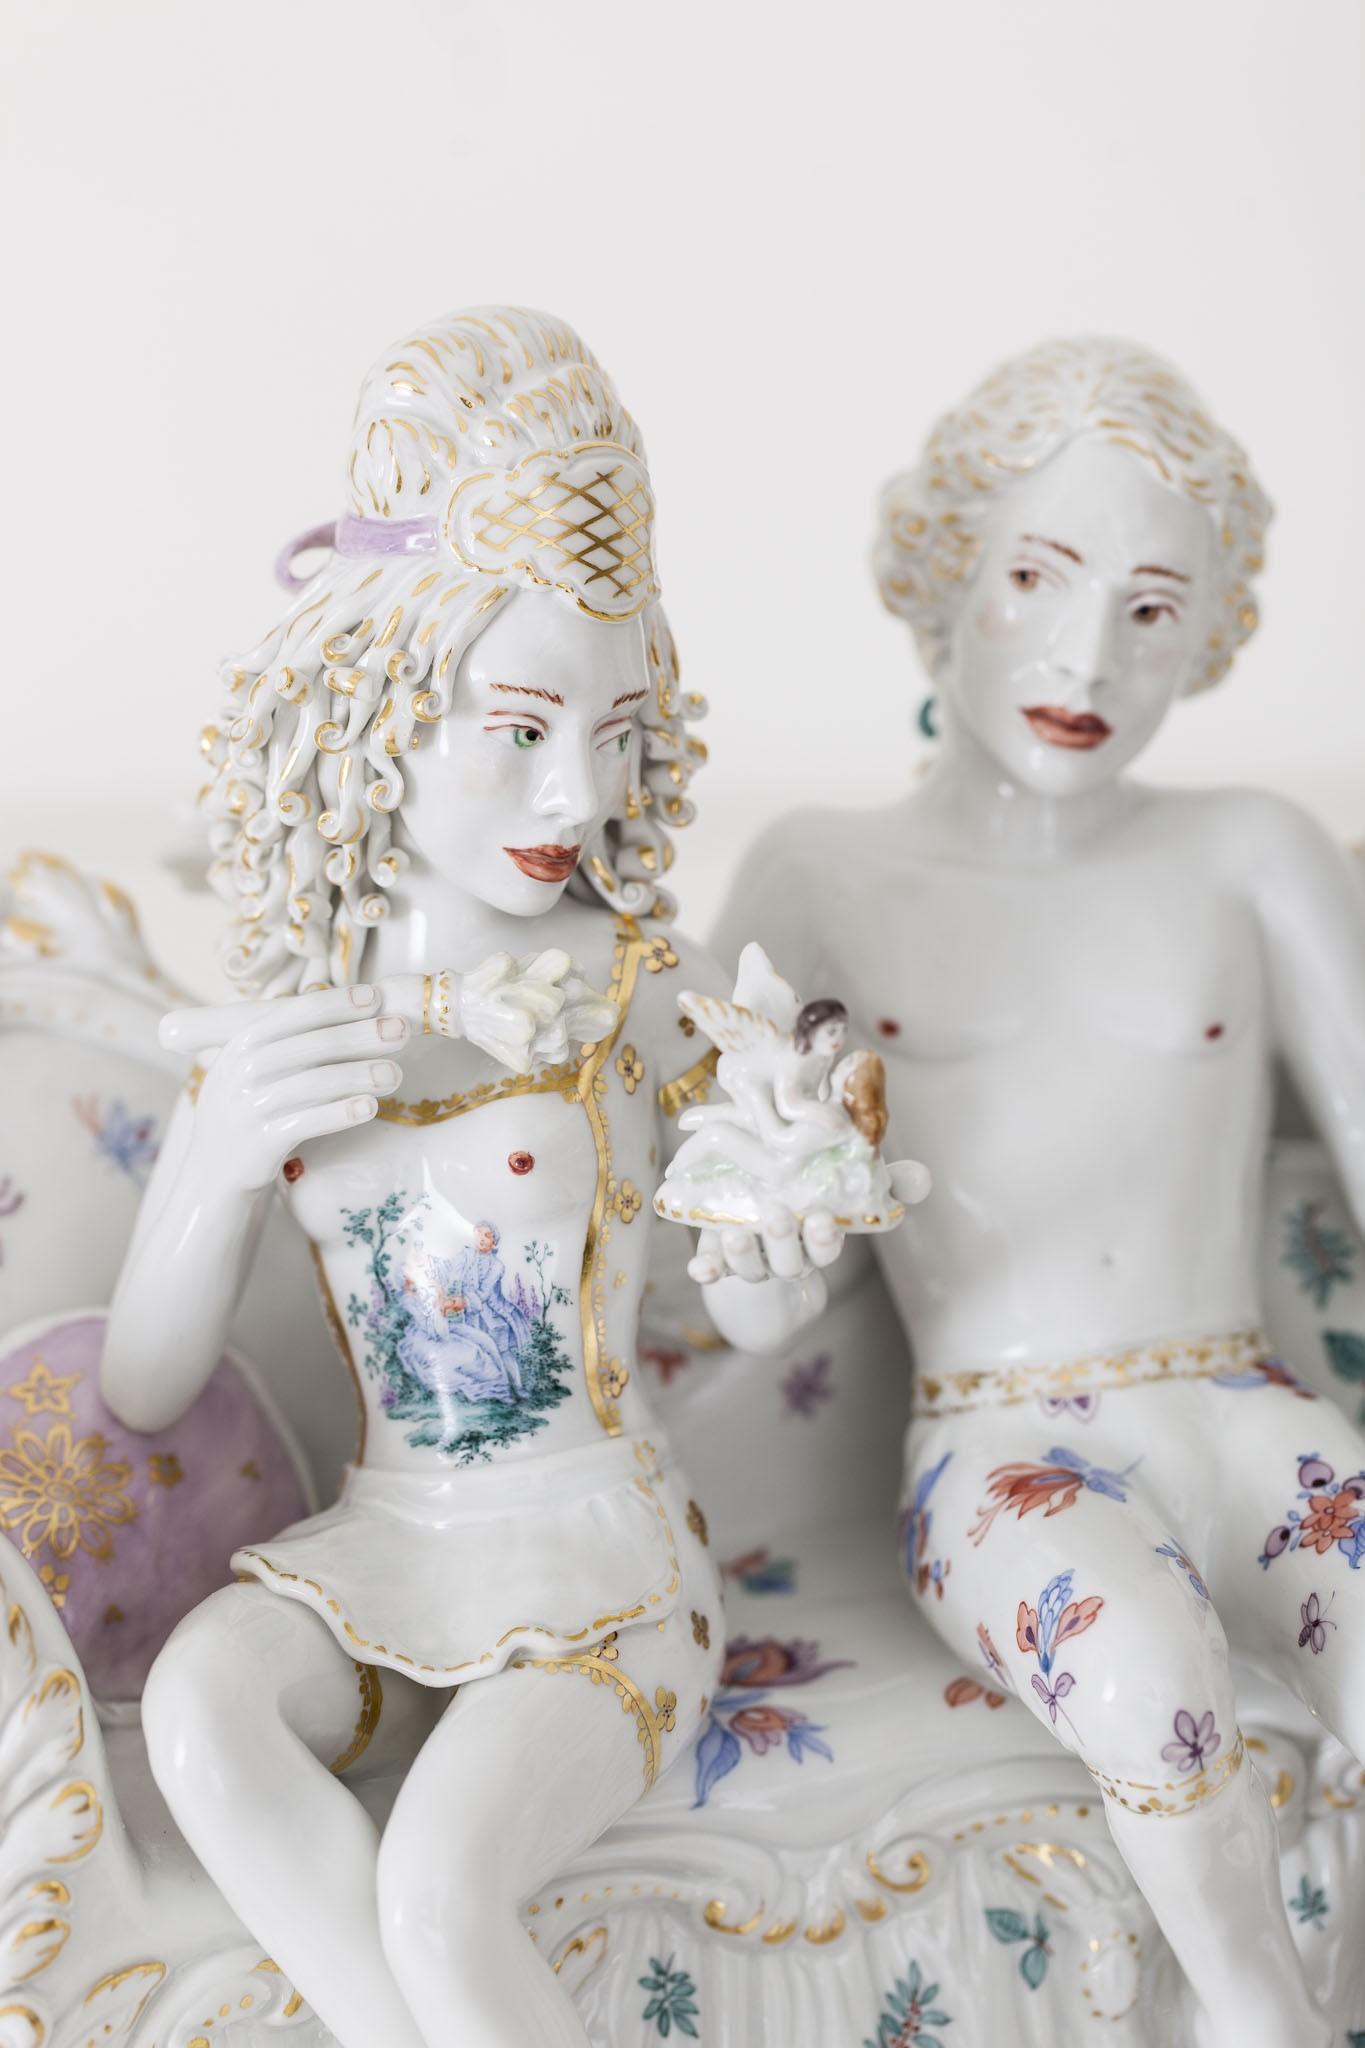 Courtesy of MEISSEN® porcellane erotiche meissen